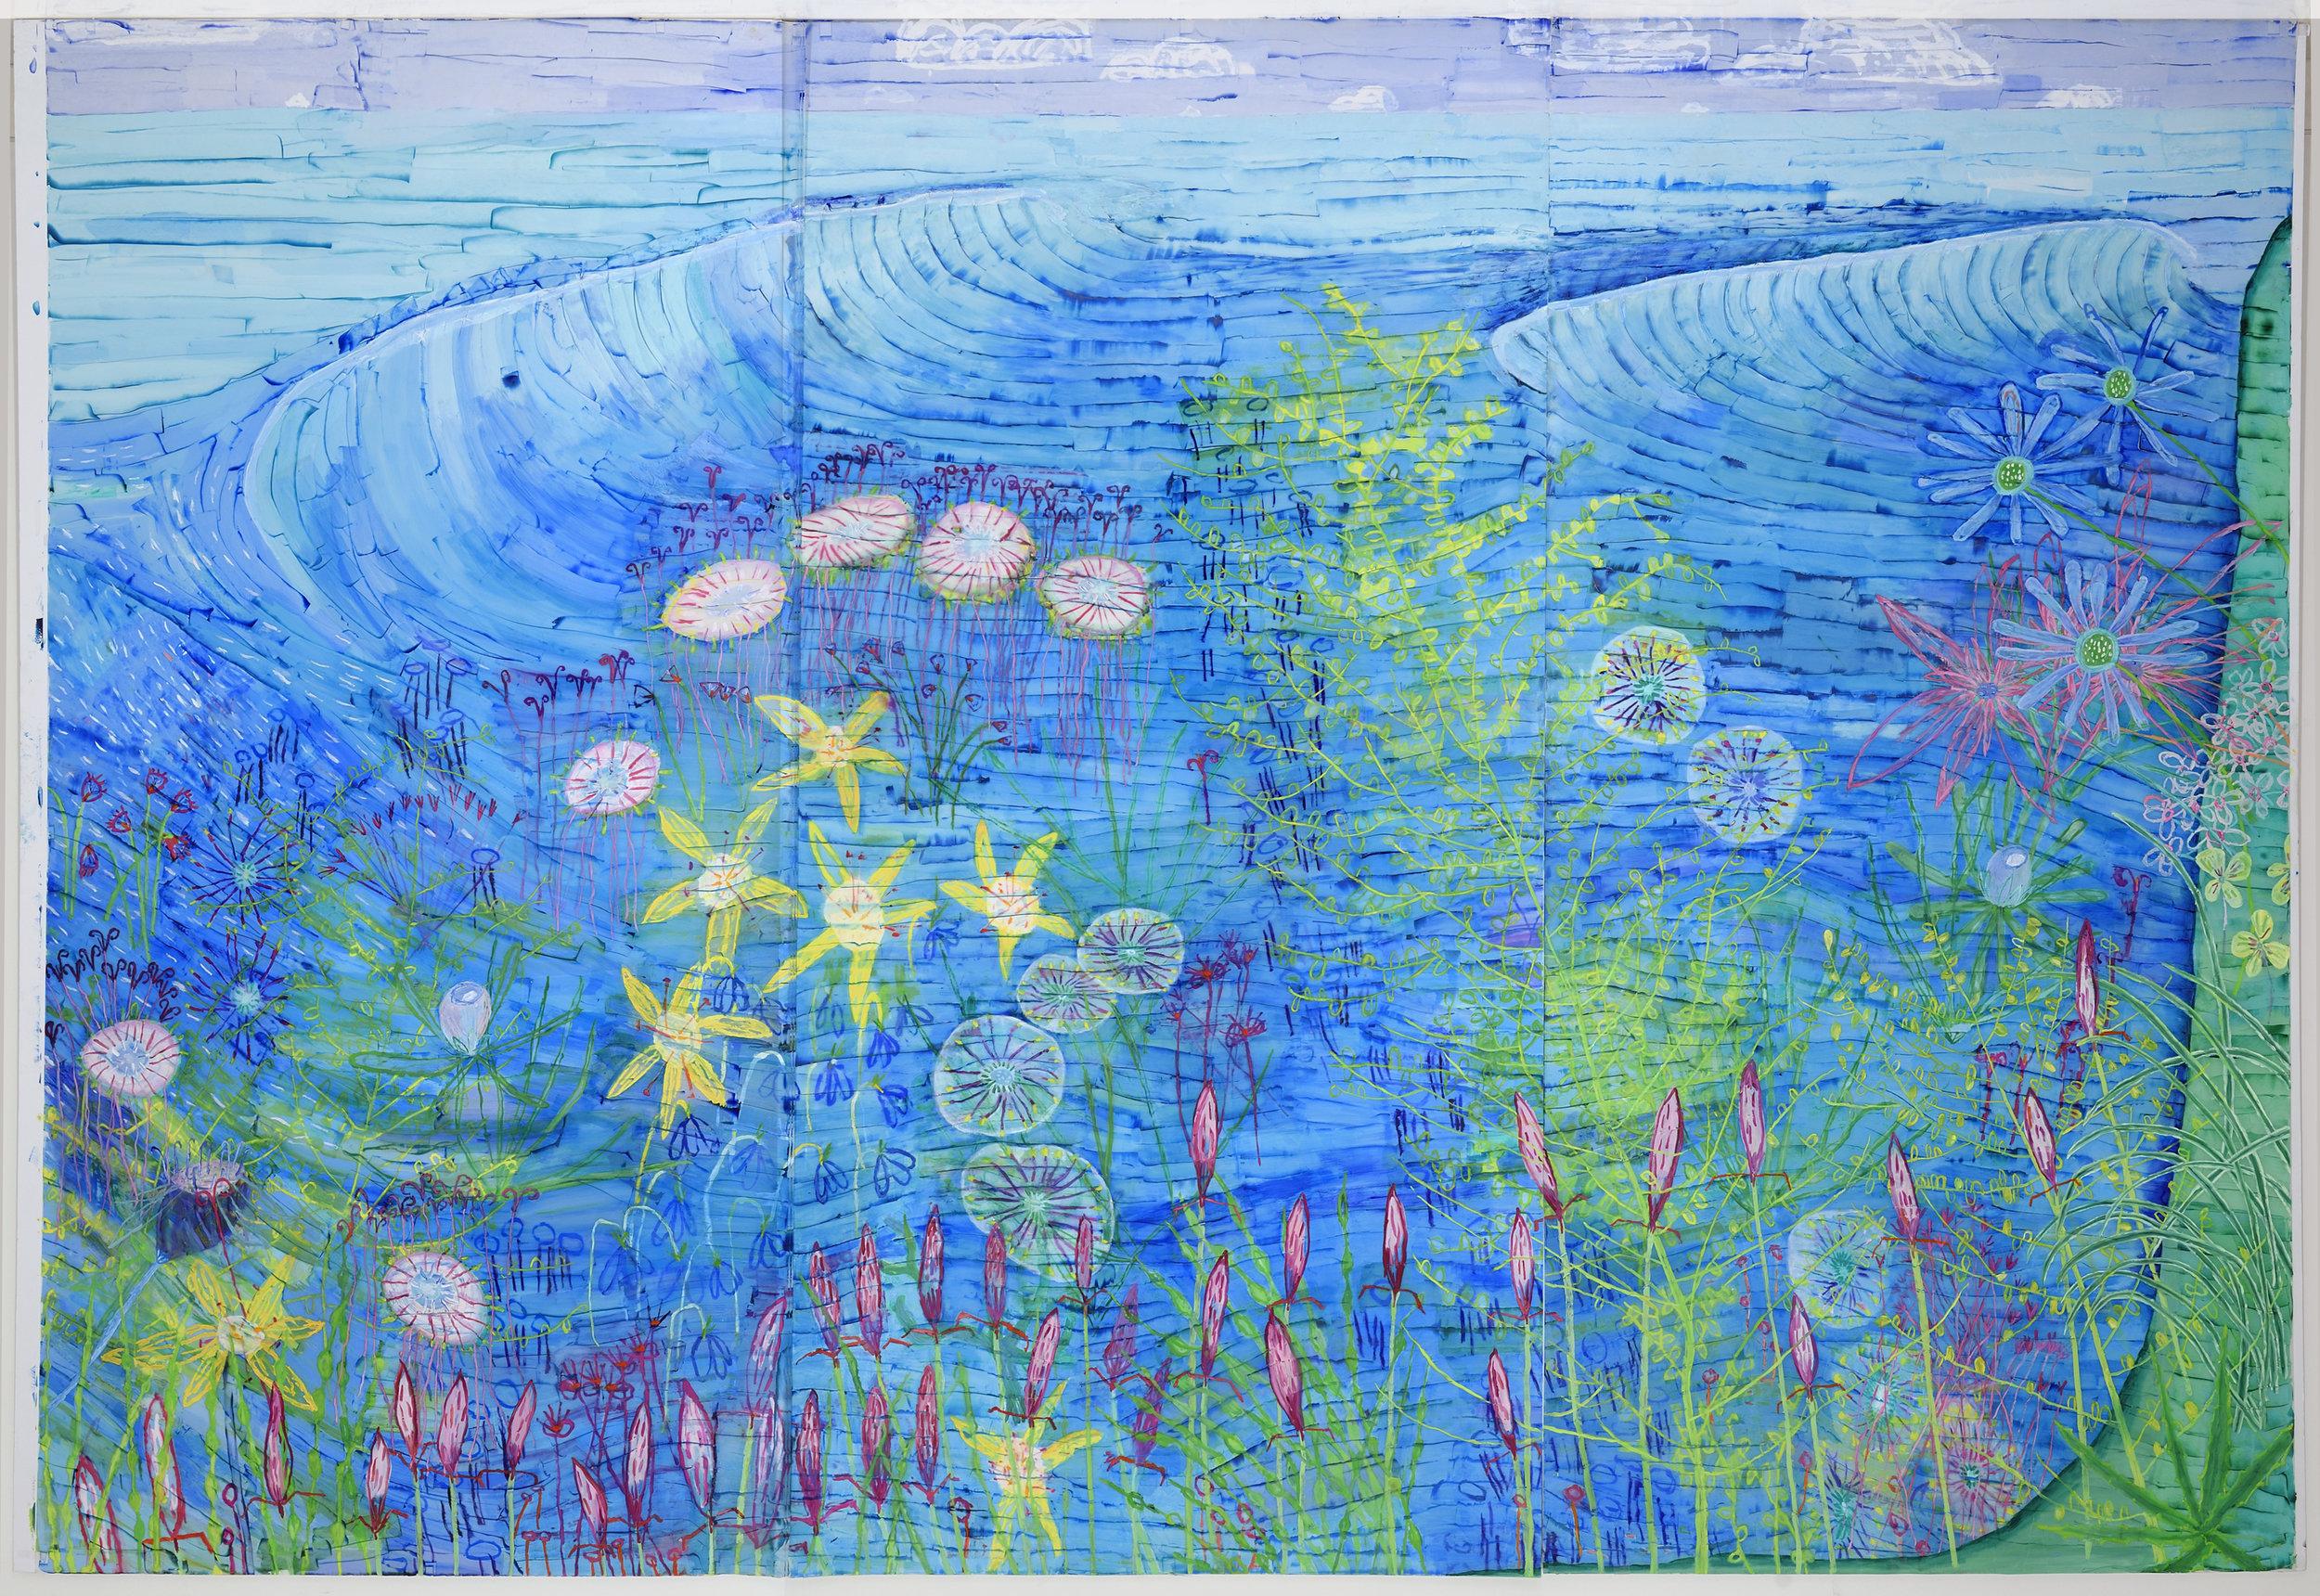 Aqualand , 2017-18  8' x 12'  Oil on Mylar